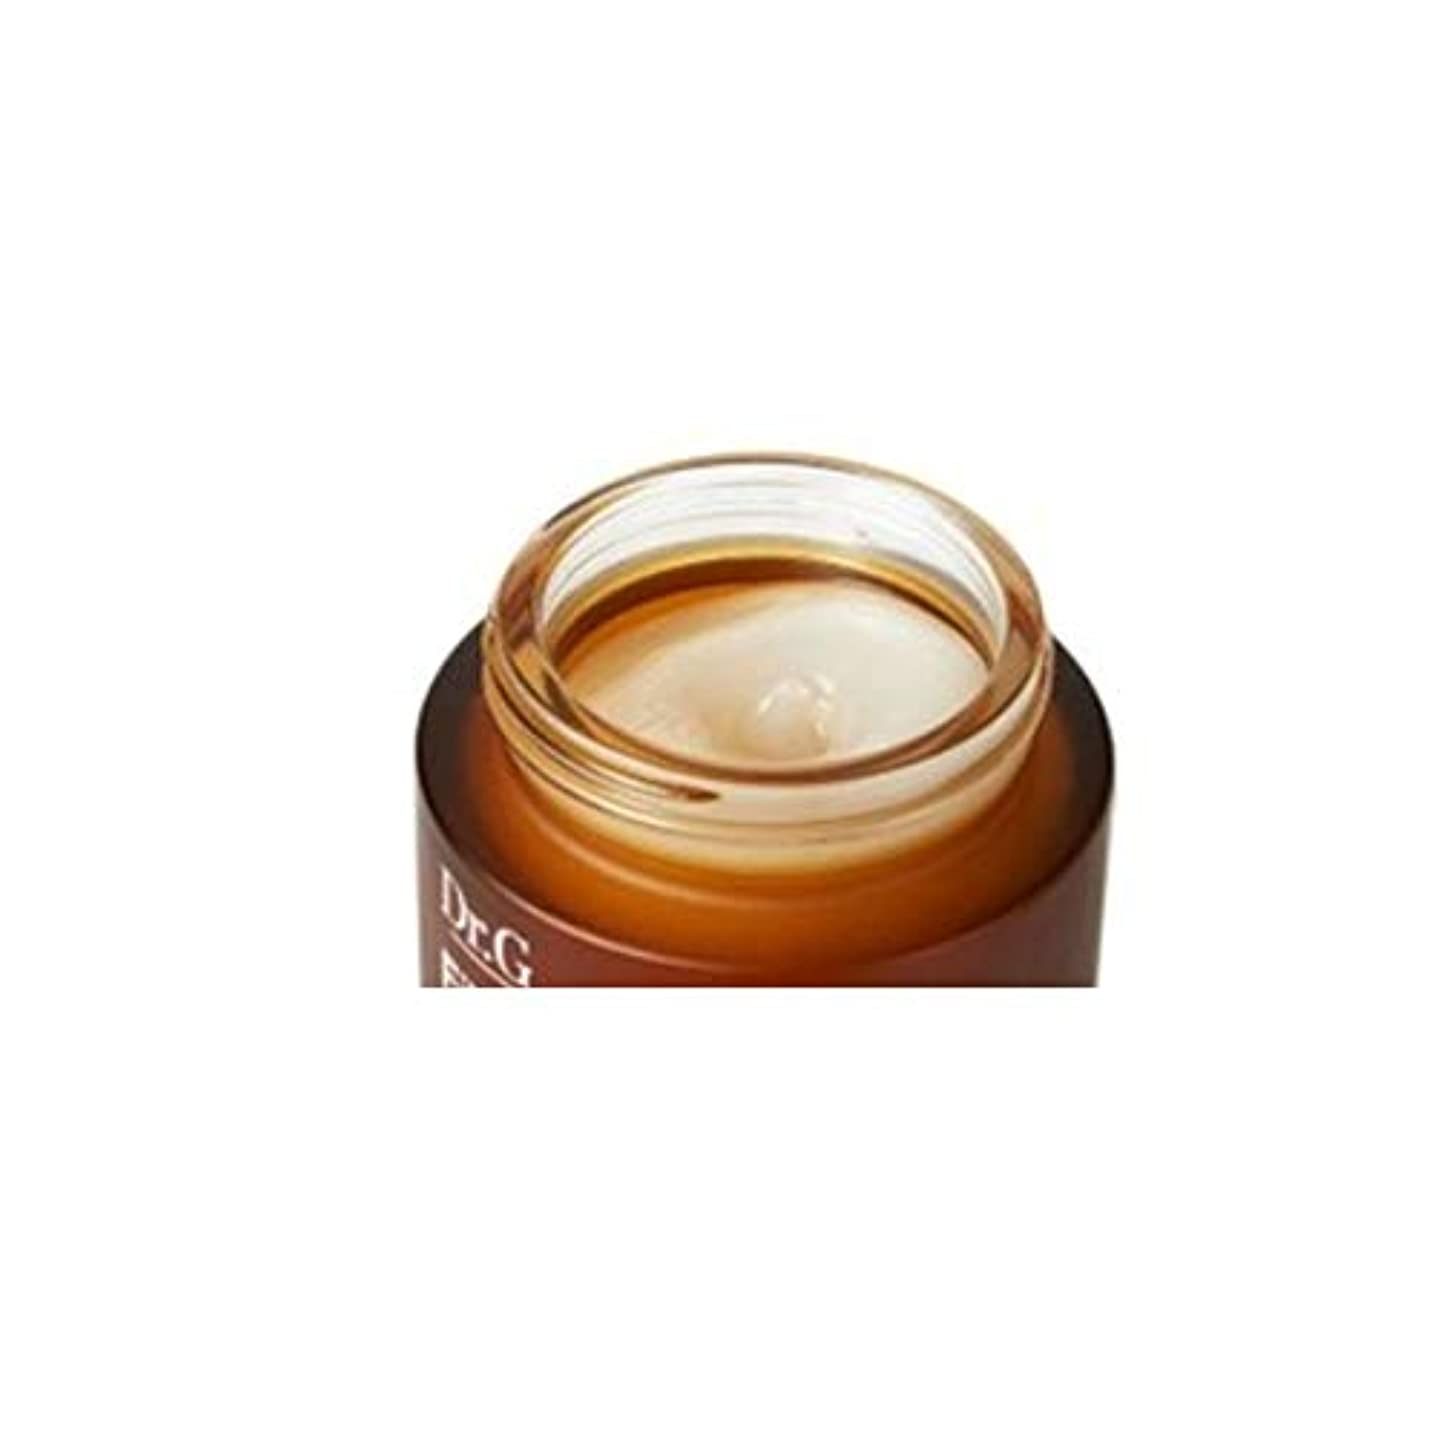 傾向正確さ倍率ドクターGピラーグリーンバリアBalm 50mlx2本セット お肌の保湿 韓国コスメ、Dr.G Filagrin Barrier Balm 50ml x 2ea Set Korean Cosmetics [並行輸入品]